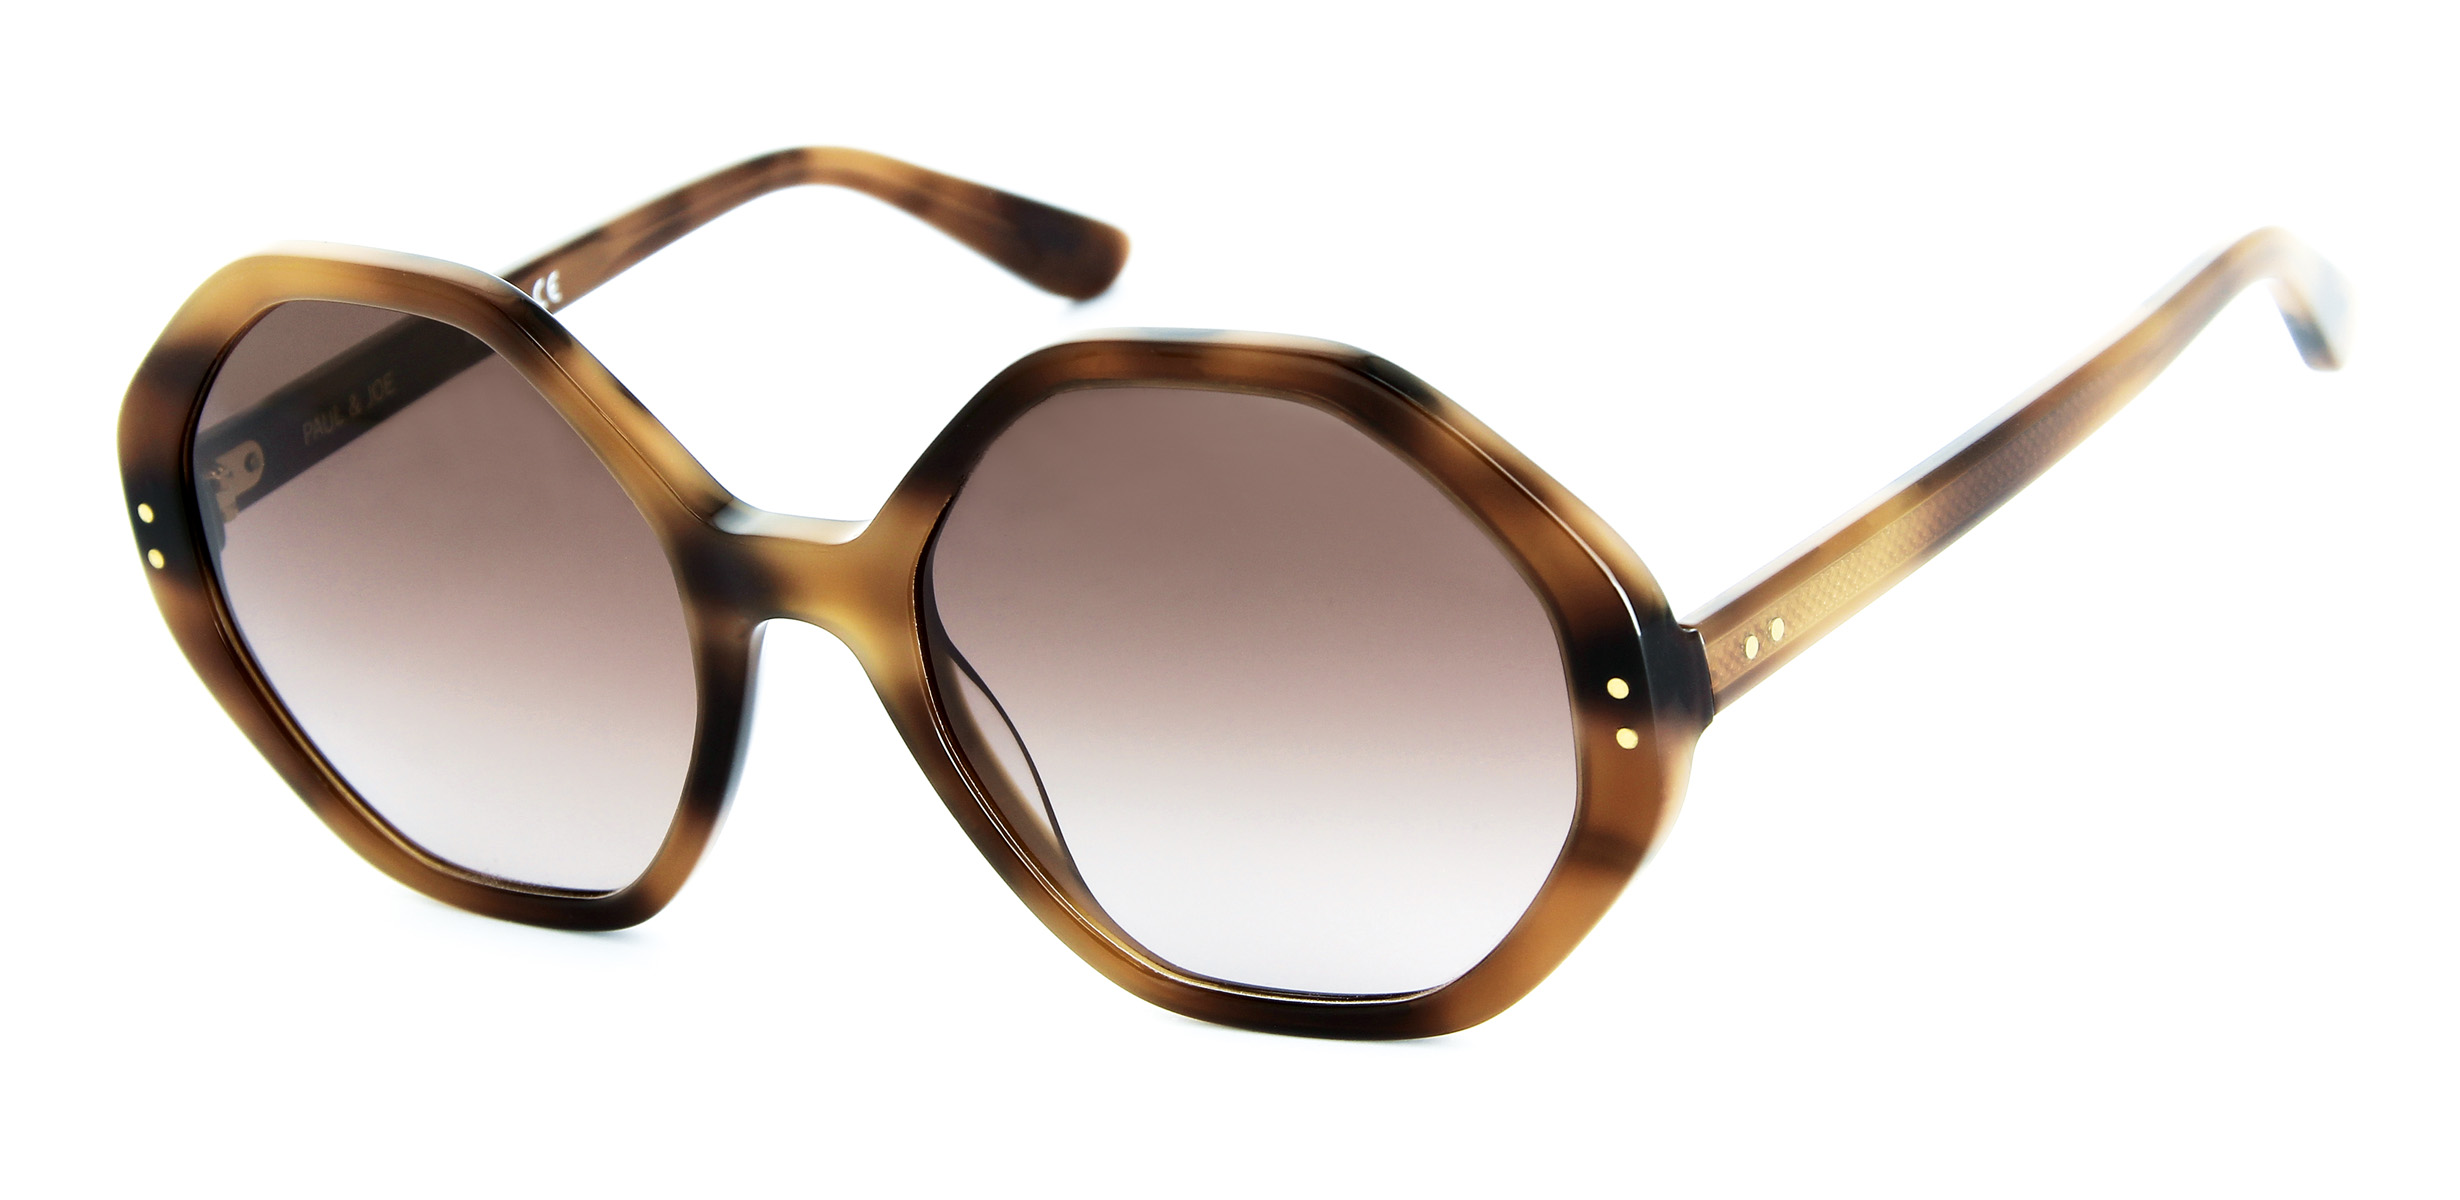 9647943d63952 Lunette femme solaire de la marque PAUL   JOE   MARTY01 MARTY01   Toutes  les lunettes solaire femme